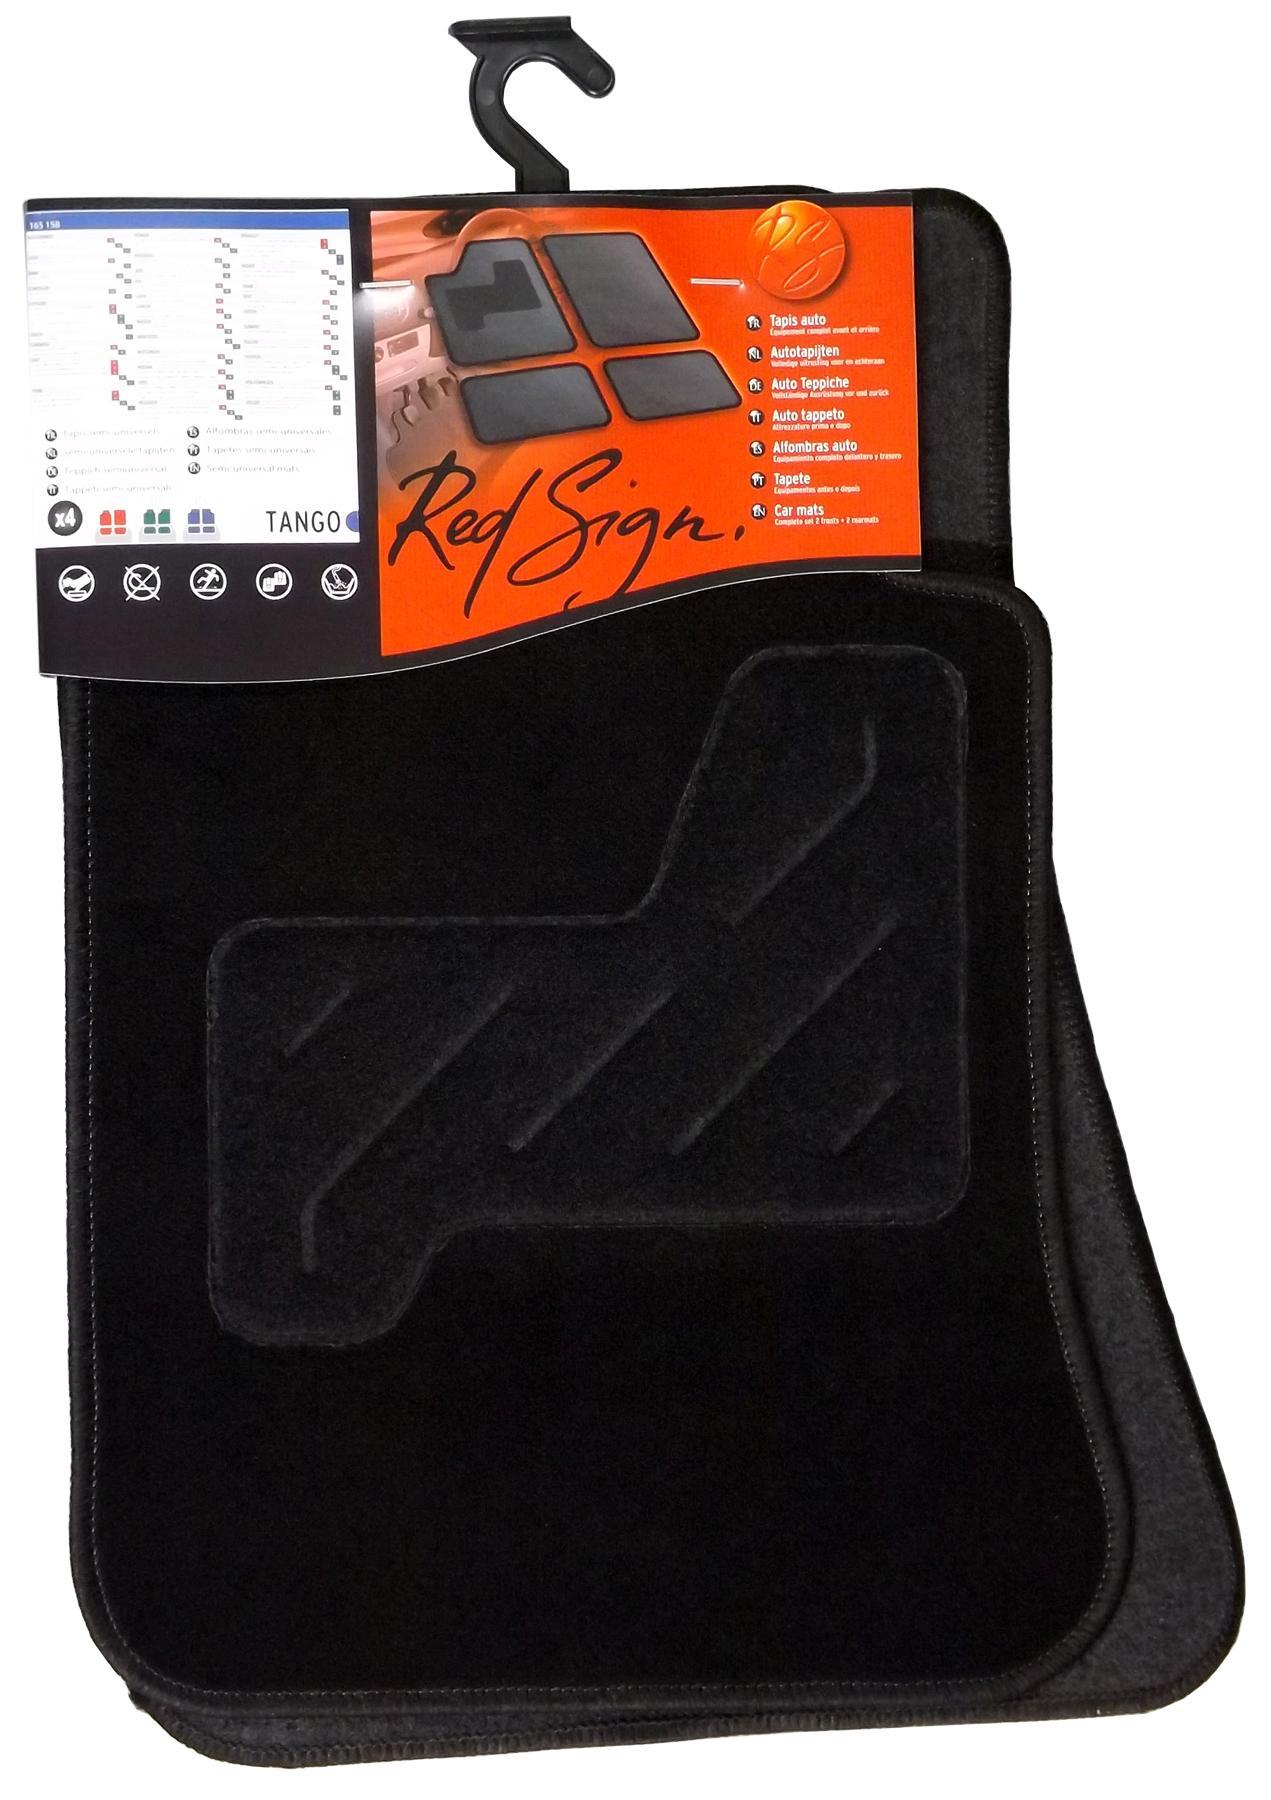 165158 RED SIGN Universelle passform Textil, vorne und hinten, Menge: 4, schwarz Autofußmatten 165158 günstig kaufen